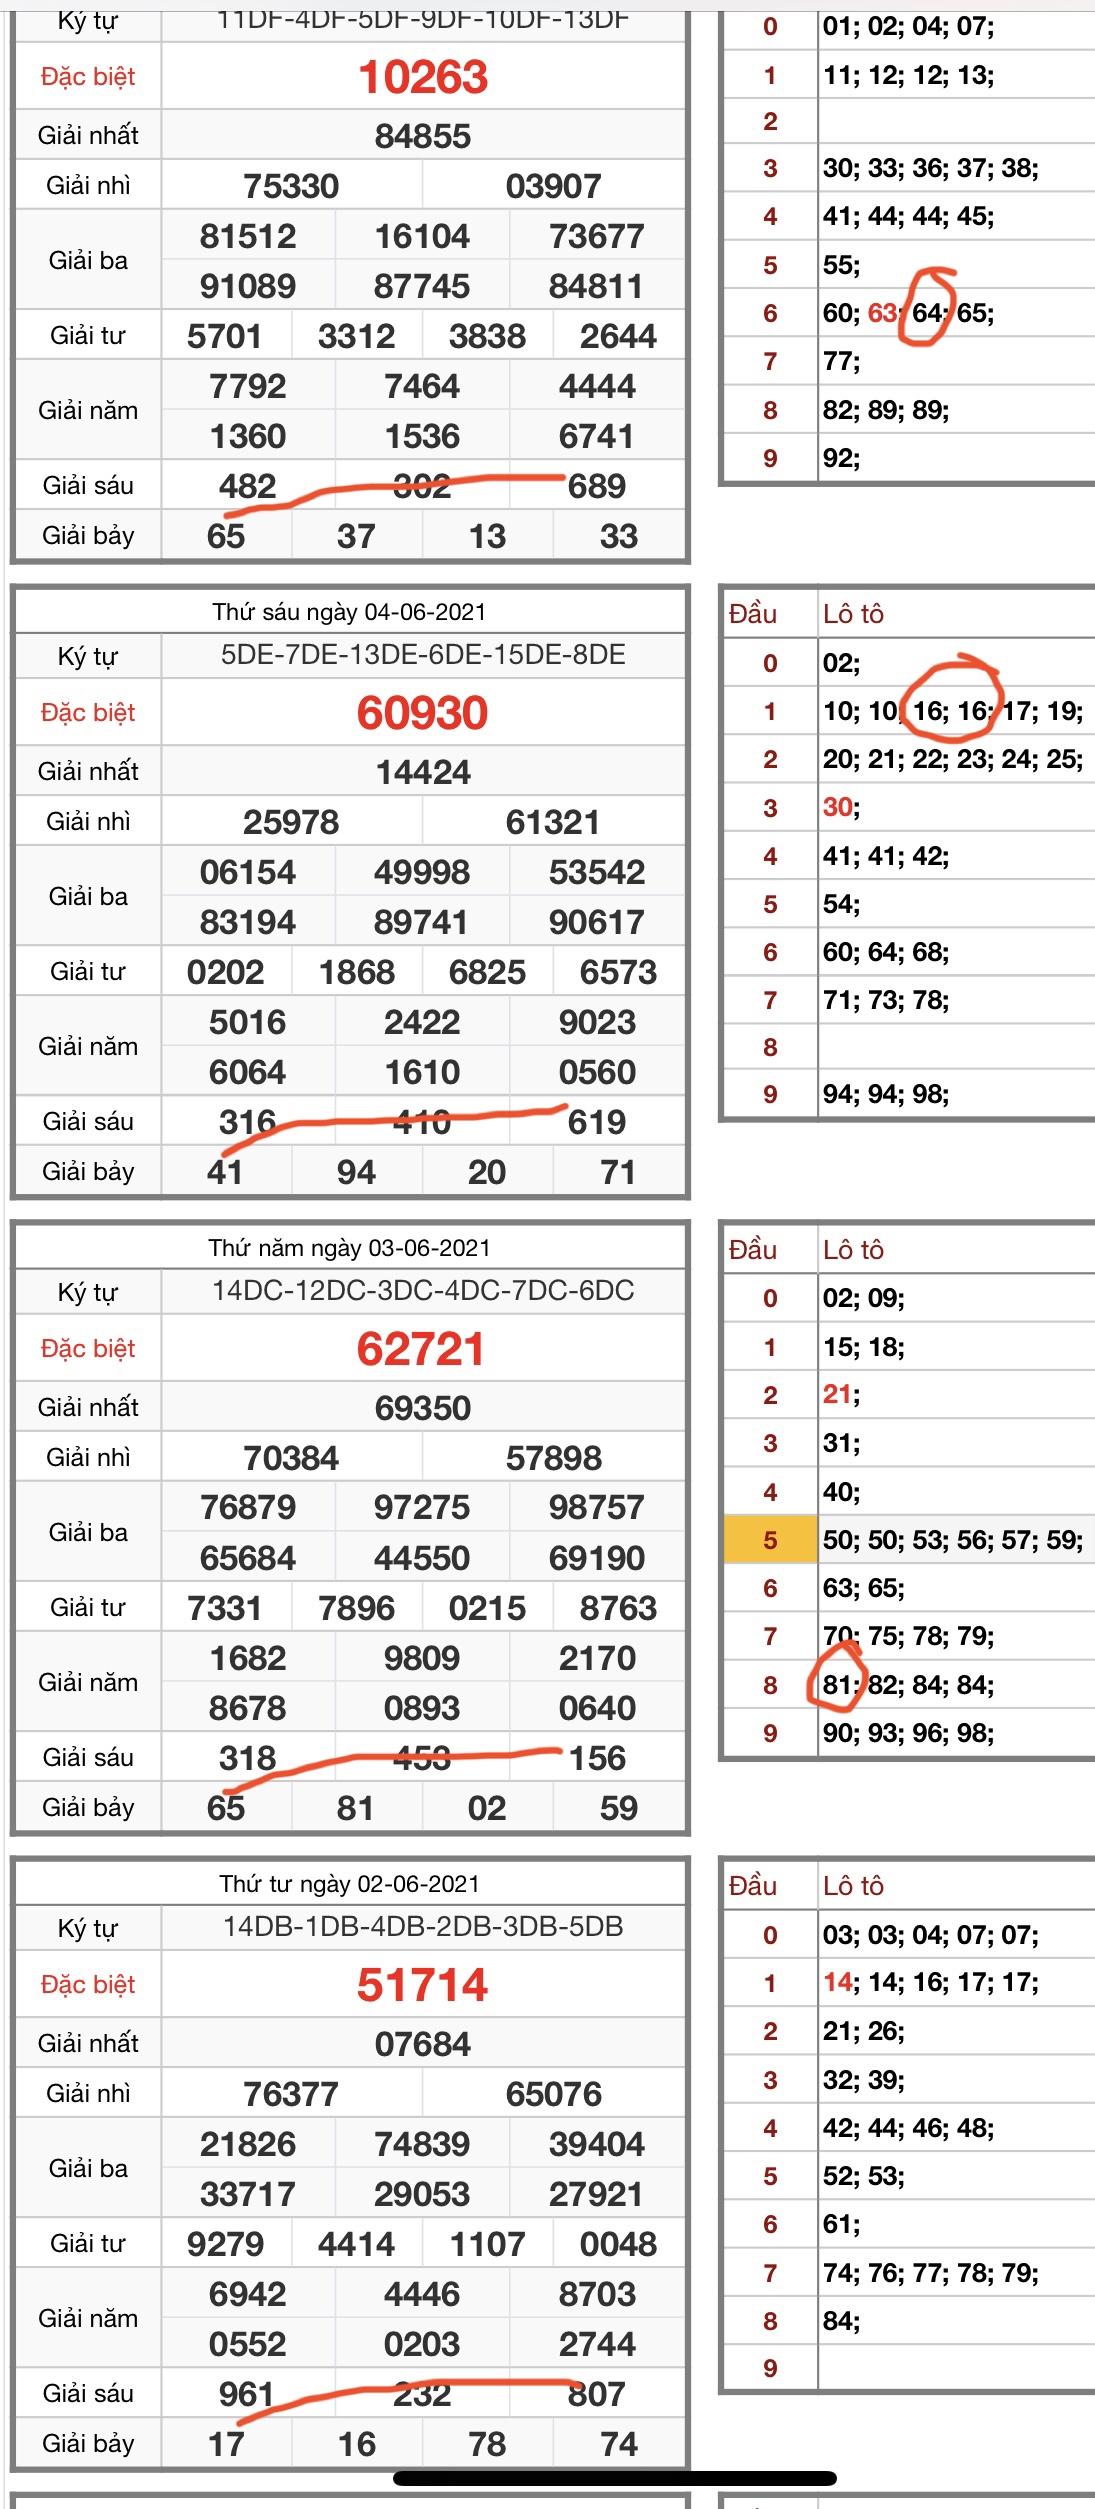 6CE10E0B-A5ED-417D-BFBD-91F360F37C89.jpeg